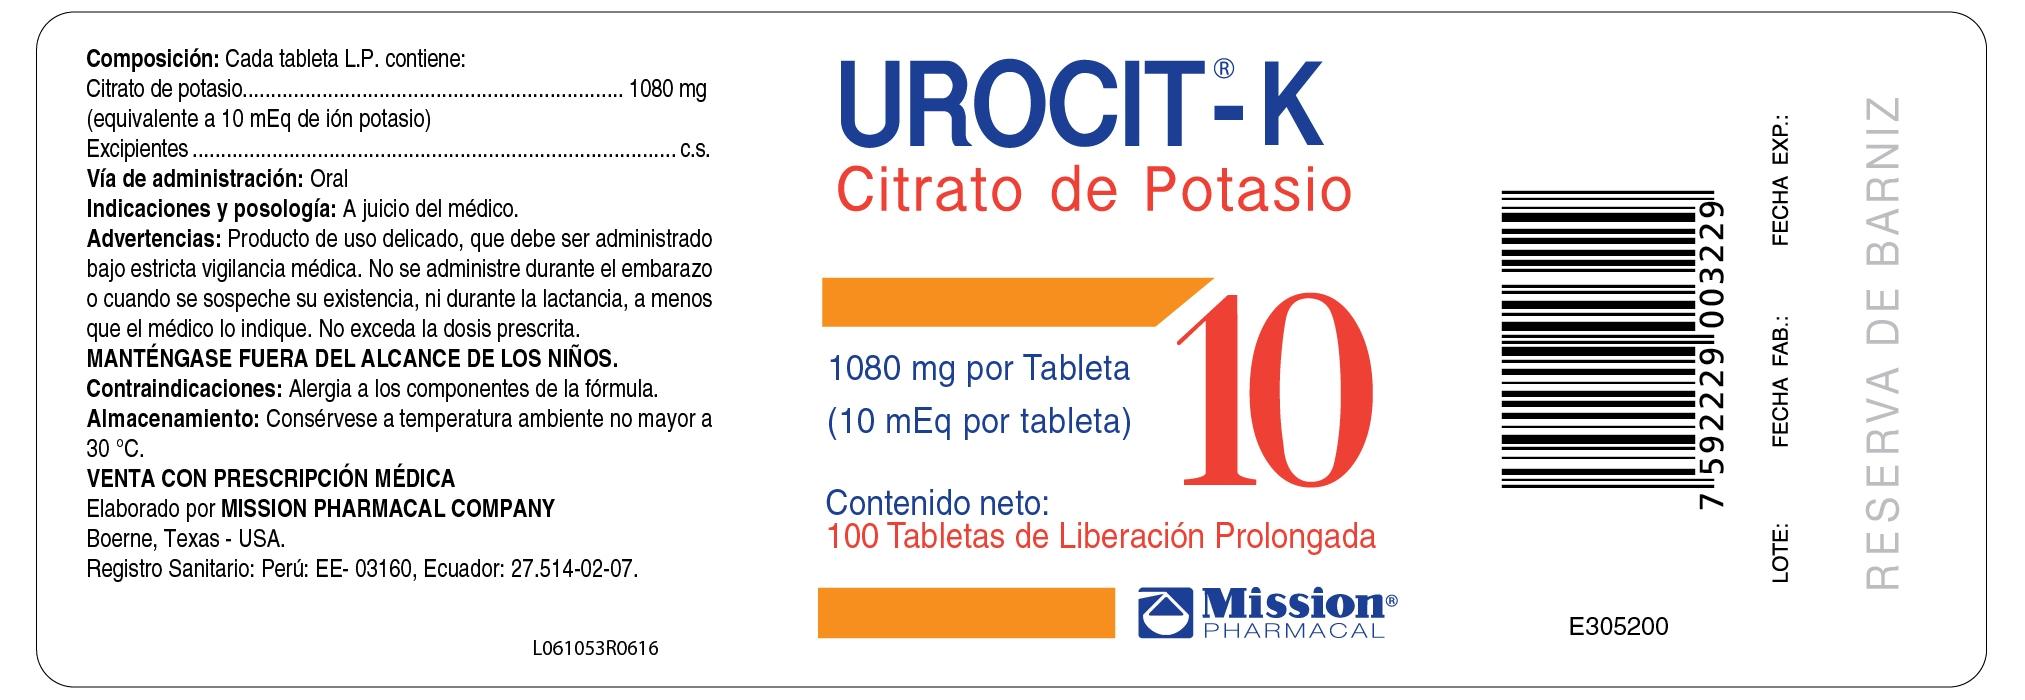 Urocit-K 10 mEq Peru